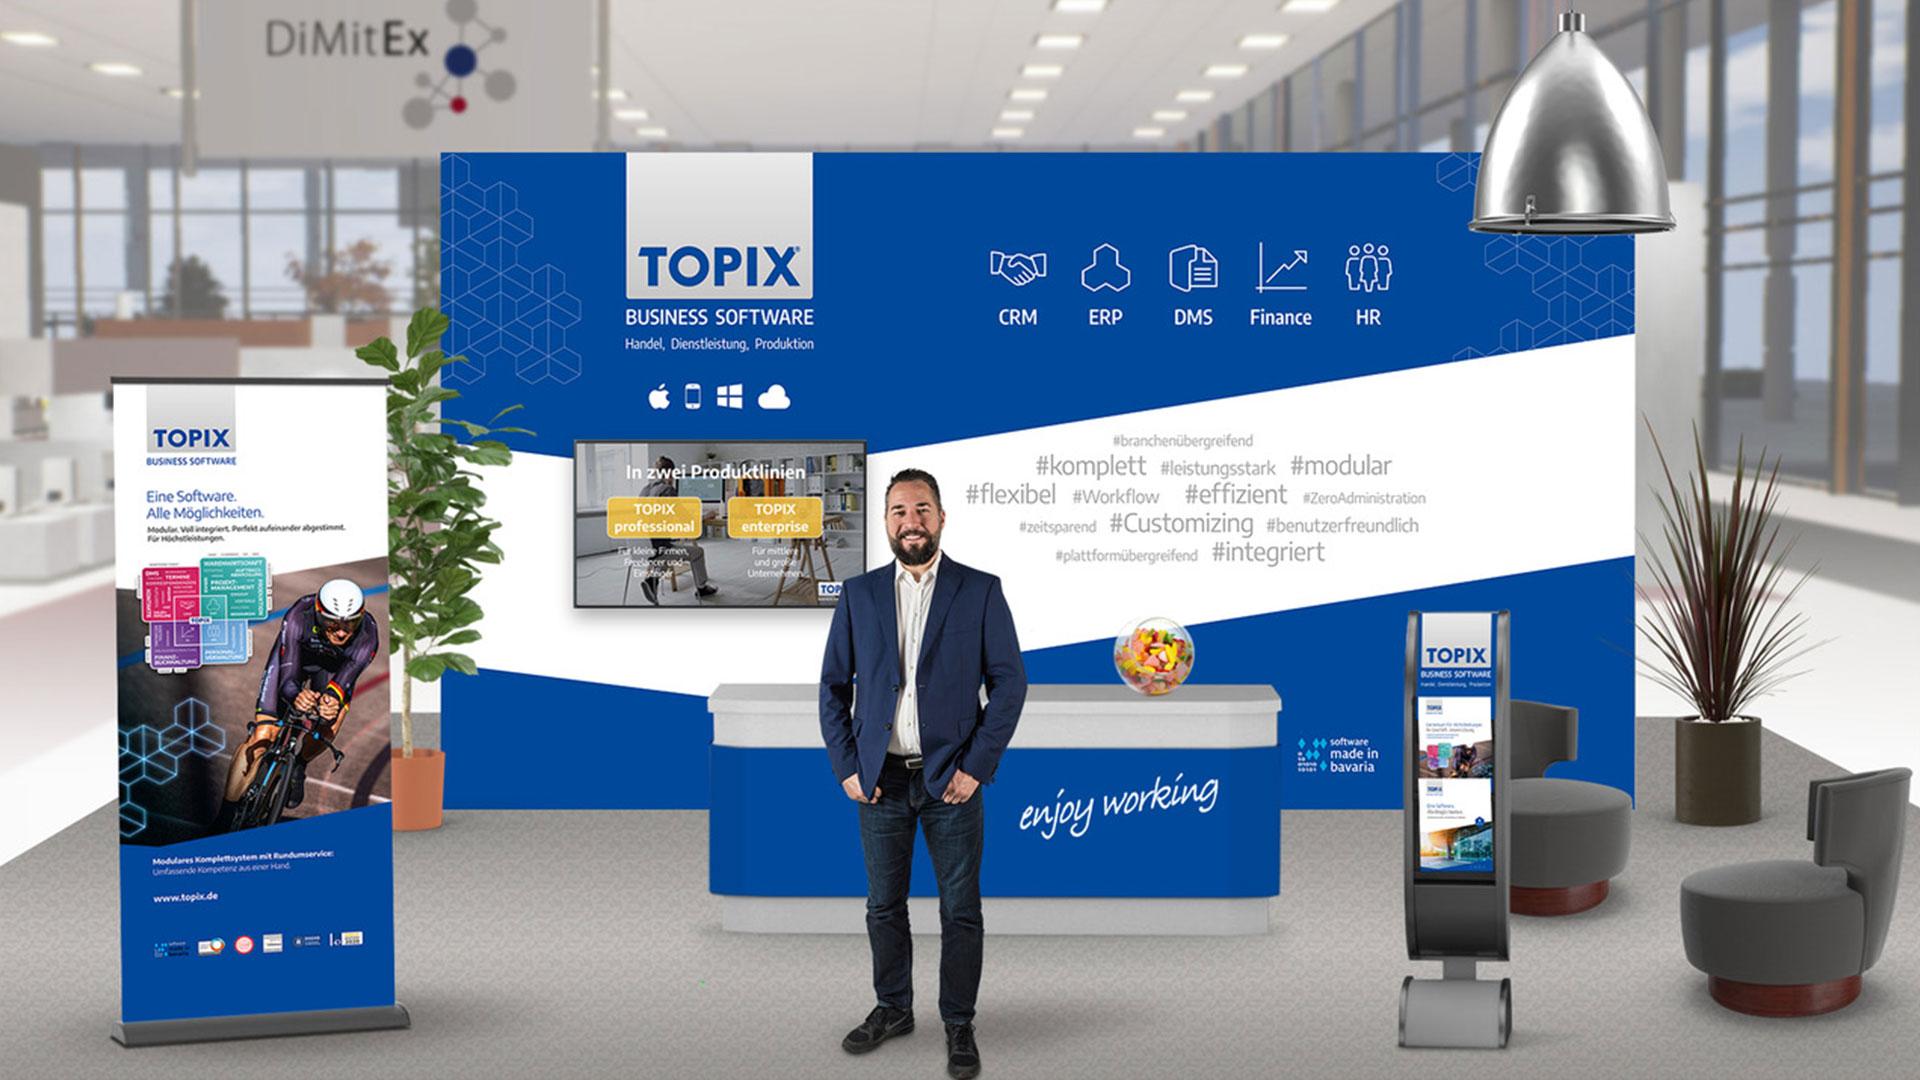 TOPIX auf der DiMitEx vom 28.09.-09.10.2020